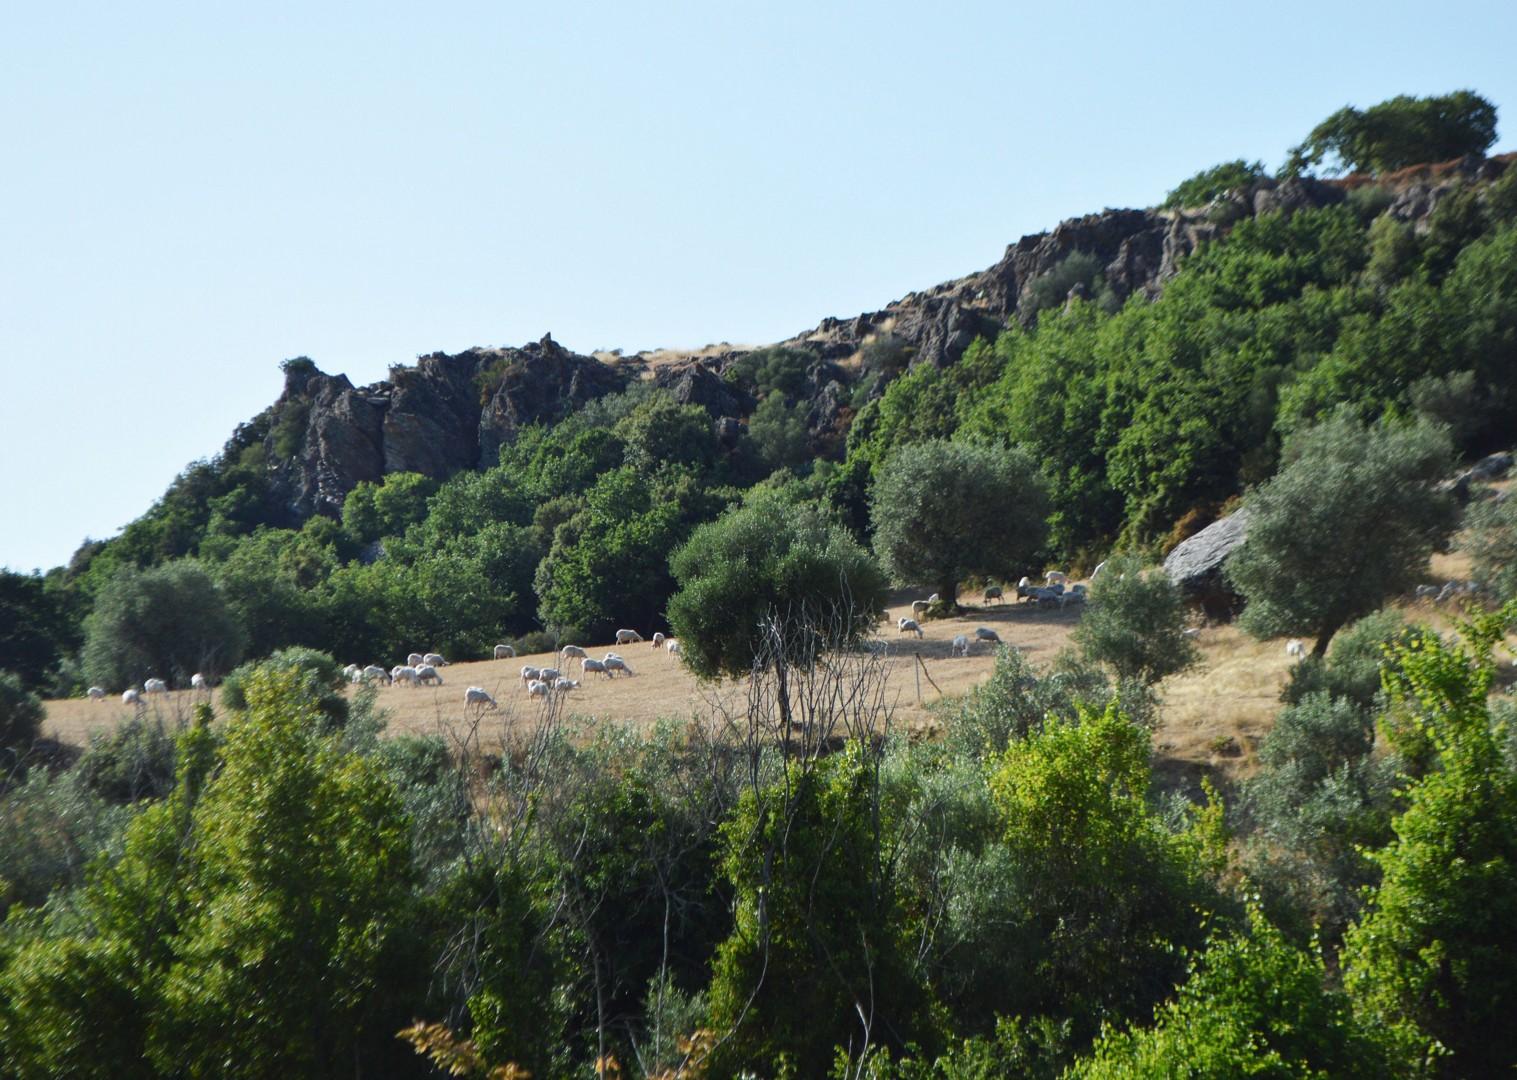 mari-emi-sardinia-leisure-cycling-holiday.jpg - Italy - Sardinia - West Coast Wonders - Leisure Cycling